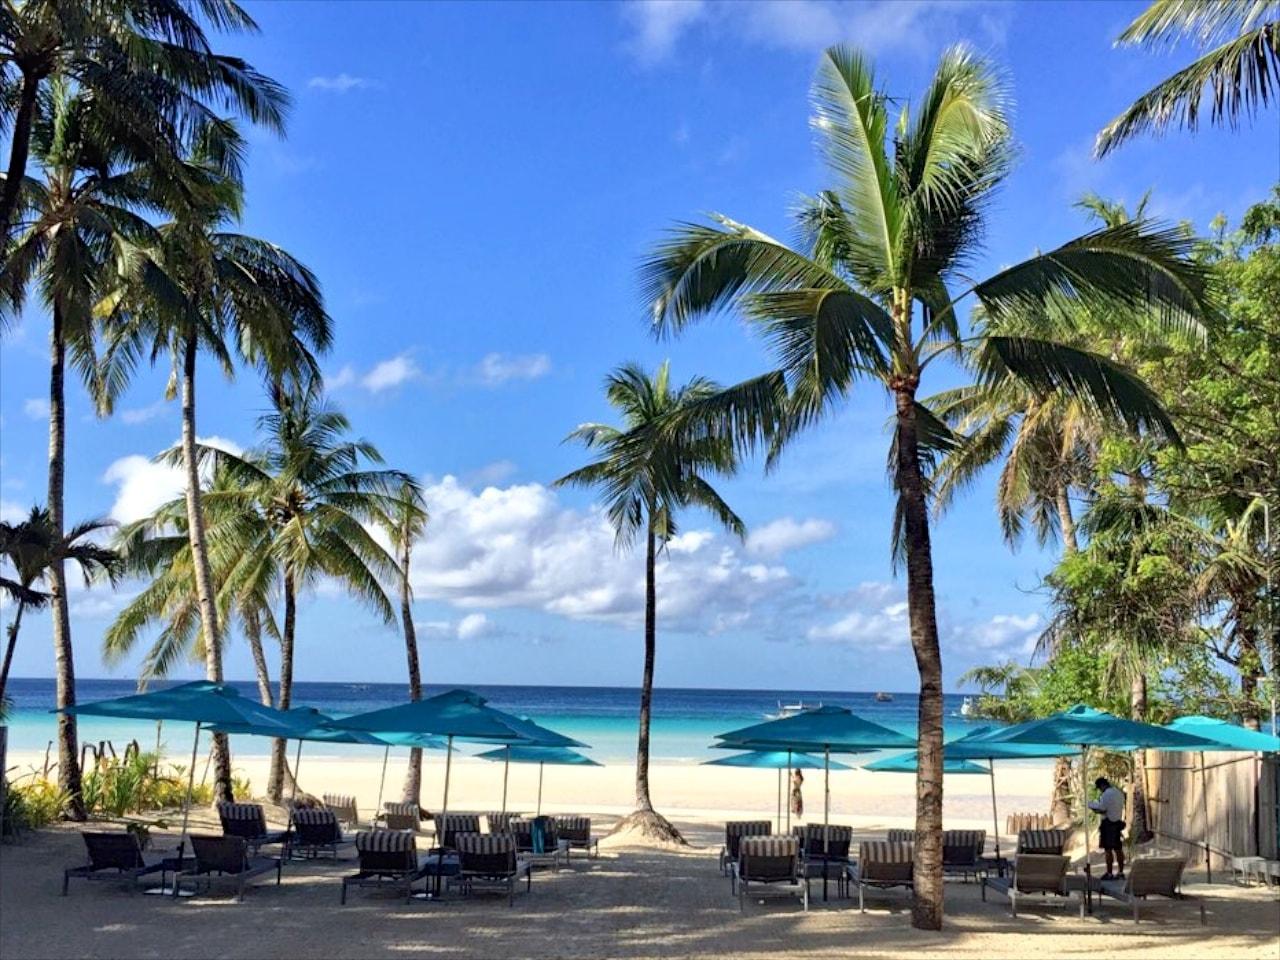 Der Blick vom Hotel auf den White Beach macht Lust auf mehr